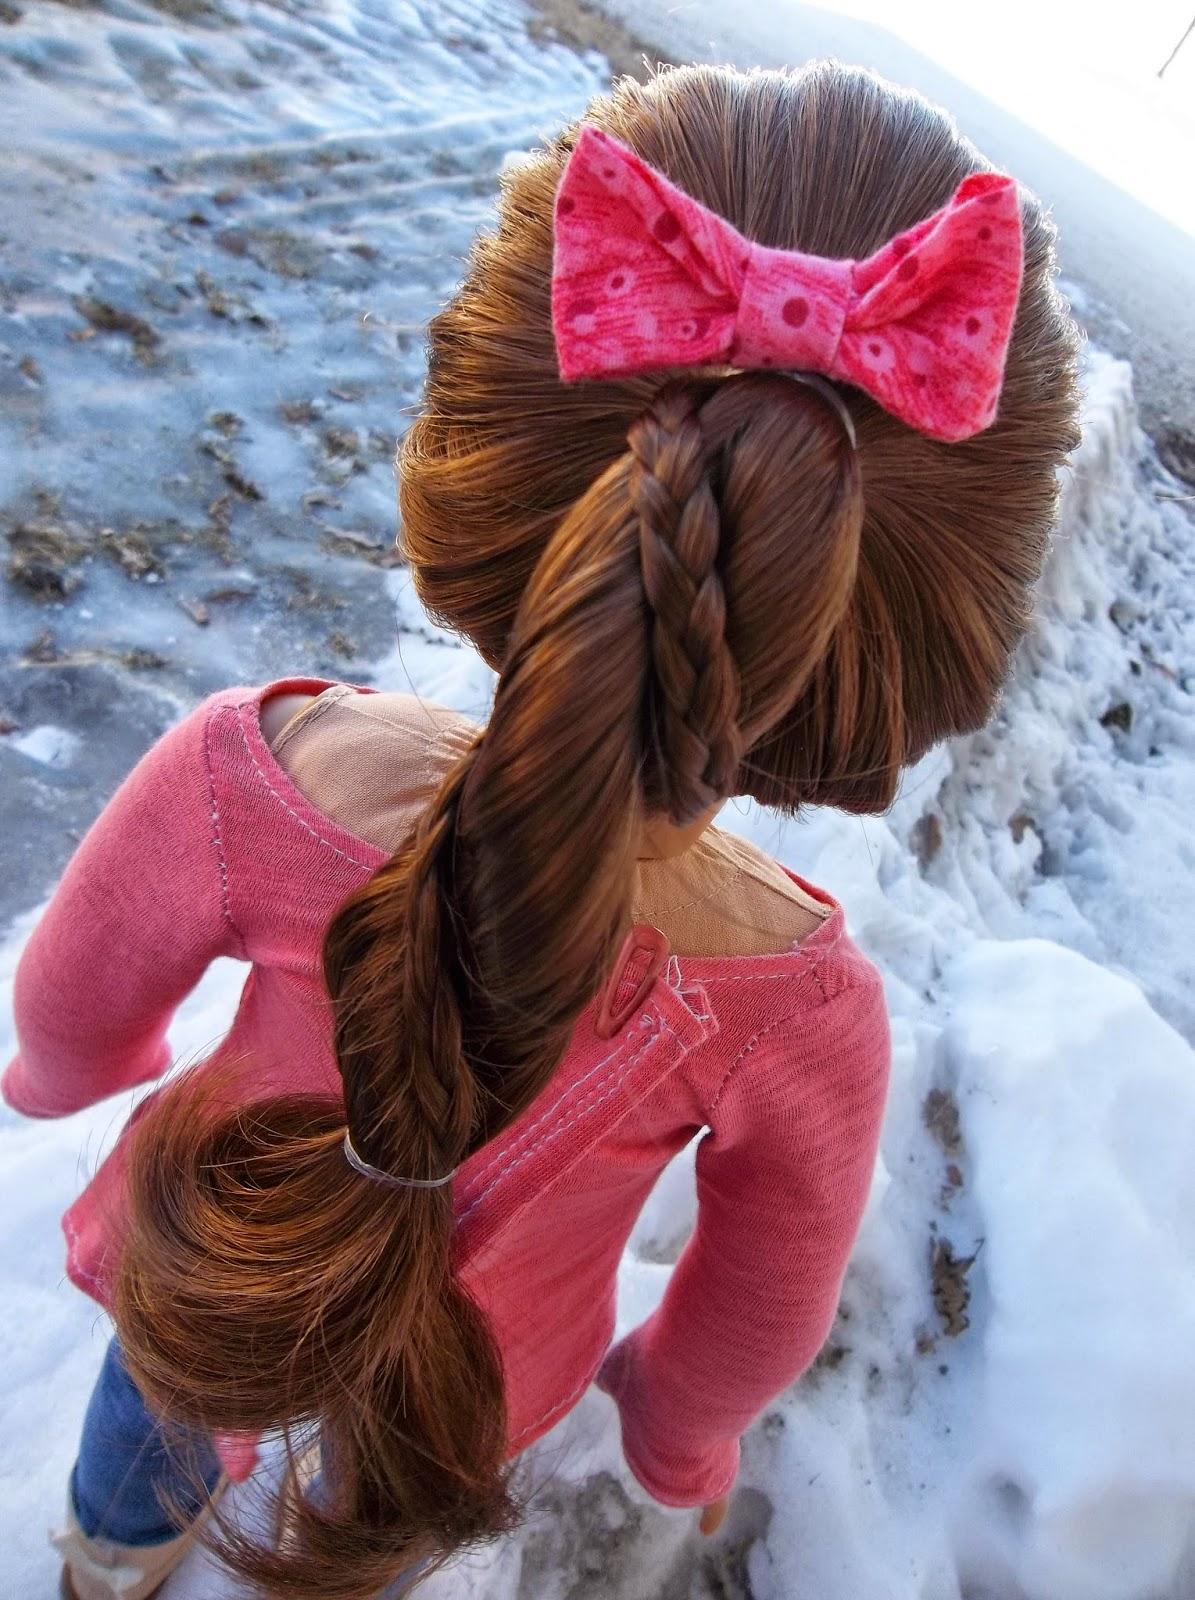 American Girl Place Braided Rope Braid ~ A Hair Tutorial